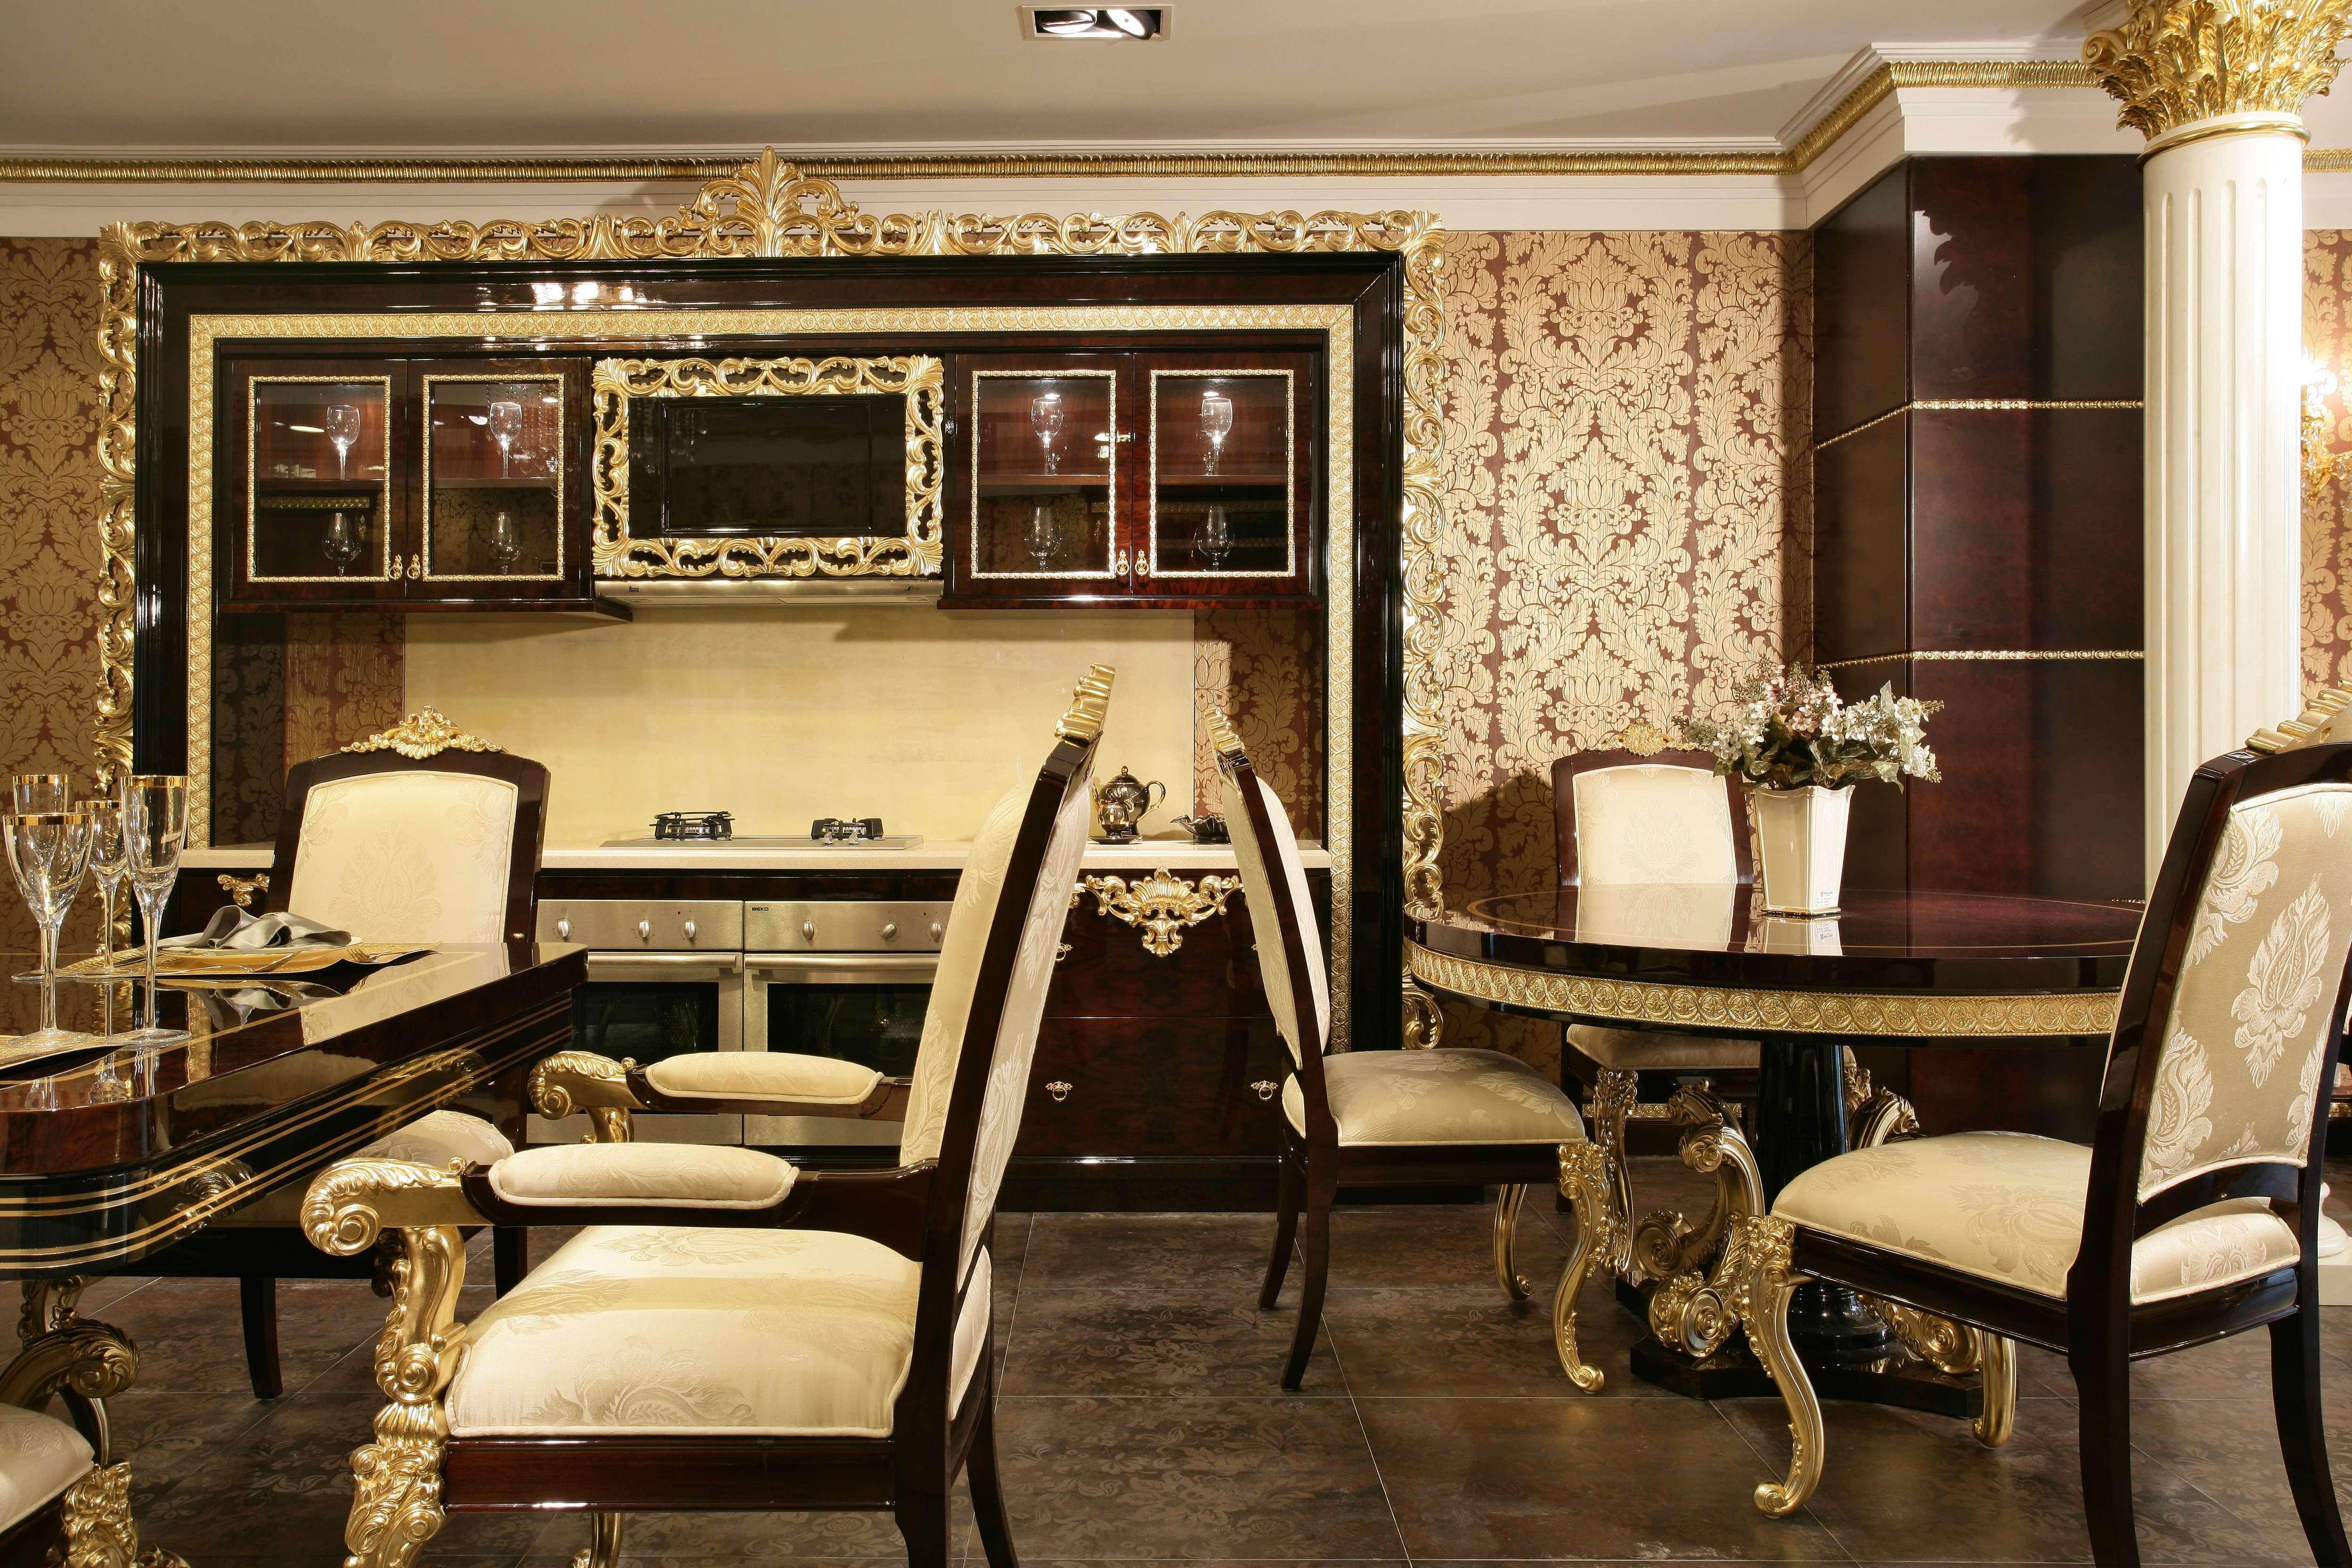 奢华欧式风格别墅厨房装修效果图